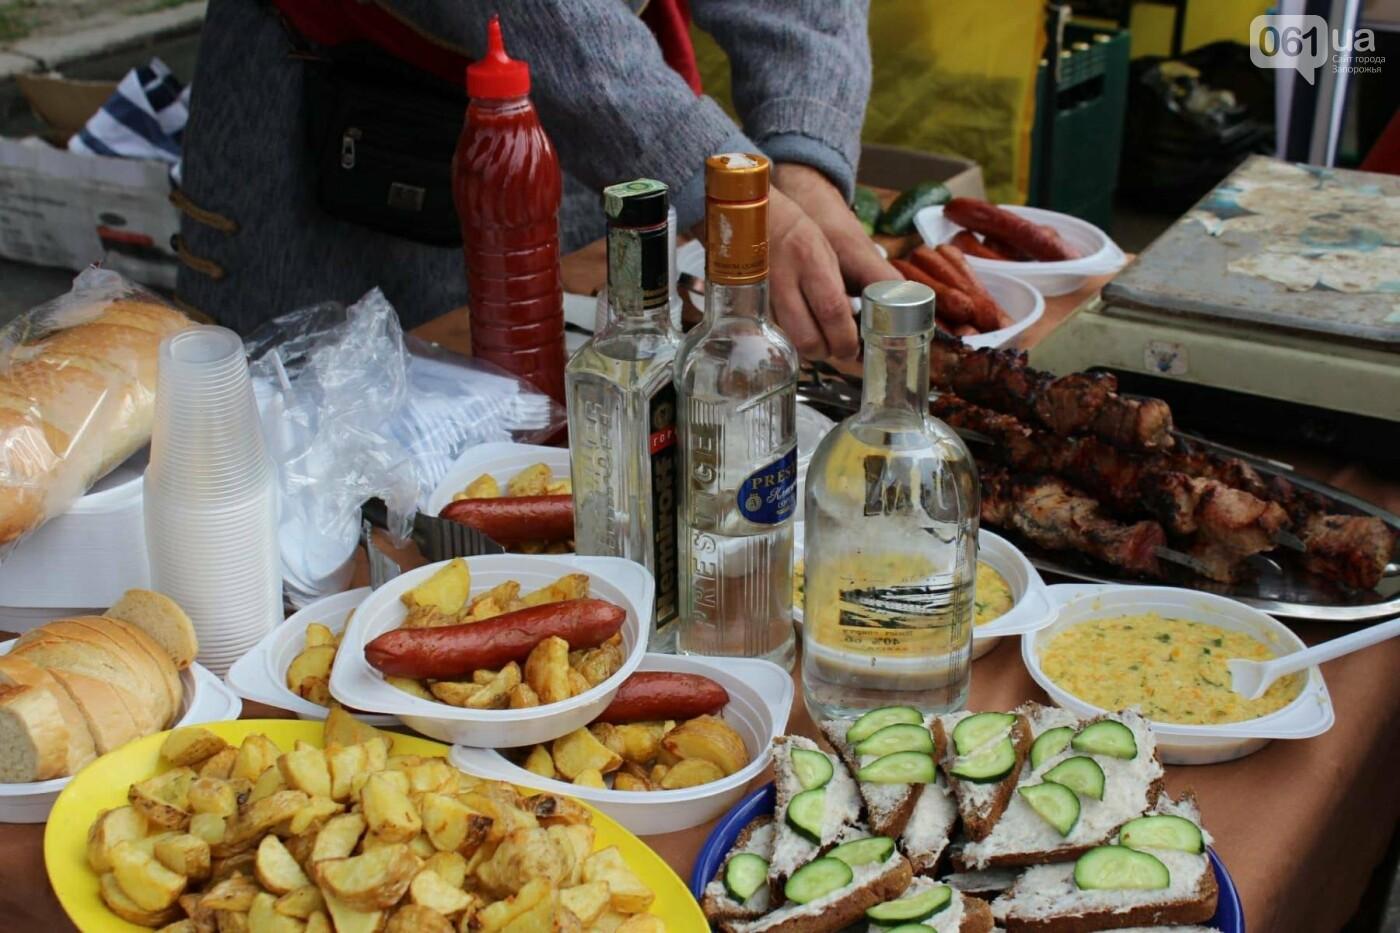 На Покровской ярмарке, несмотря на запрет, с самого утра продают алкоголь, - ФОТО, фото-8